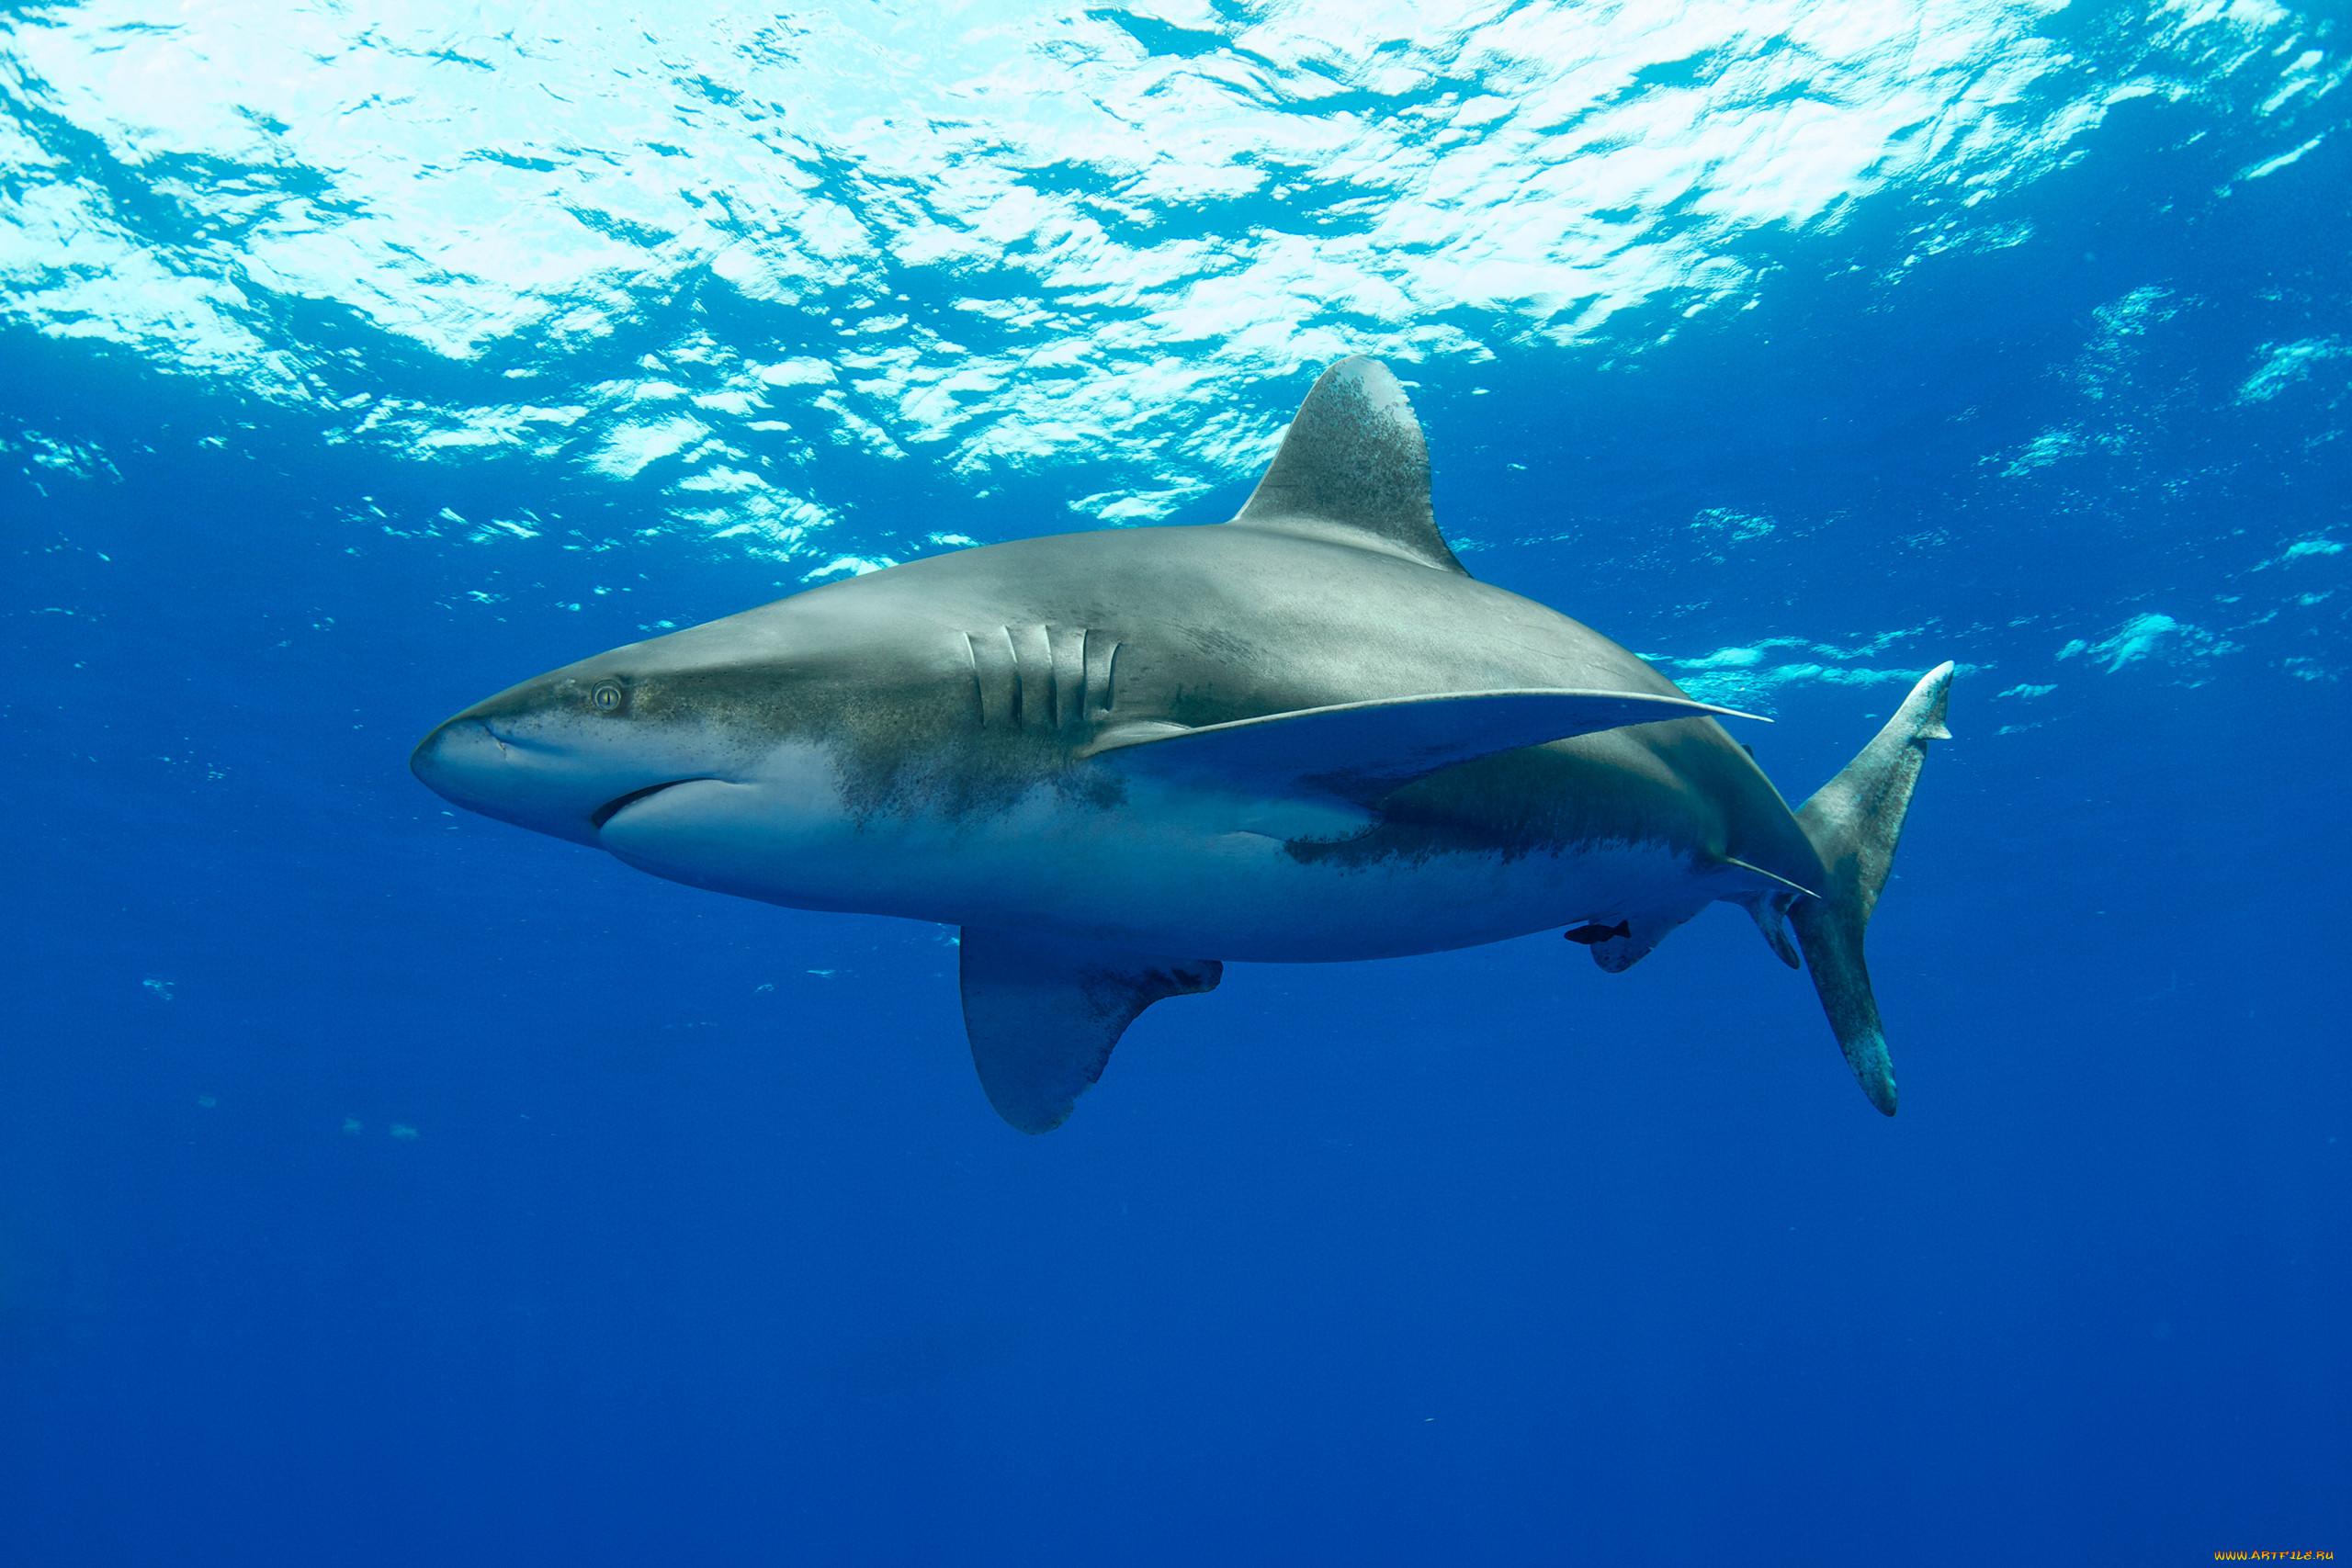 смотреть фотографии акул качества, помощь дизайнера